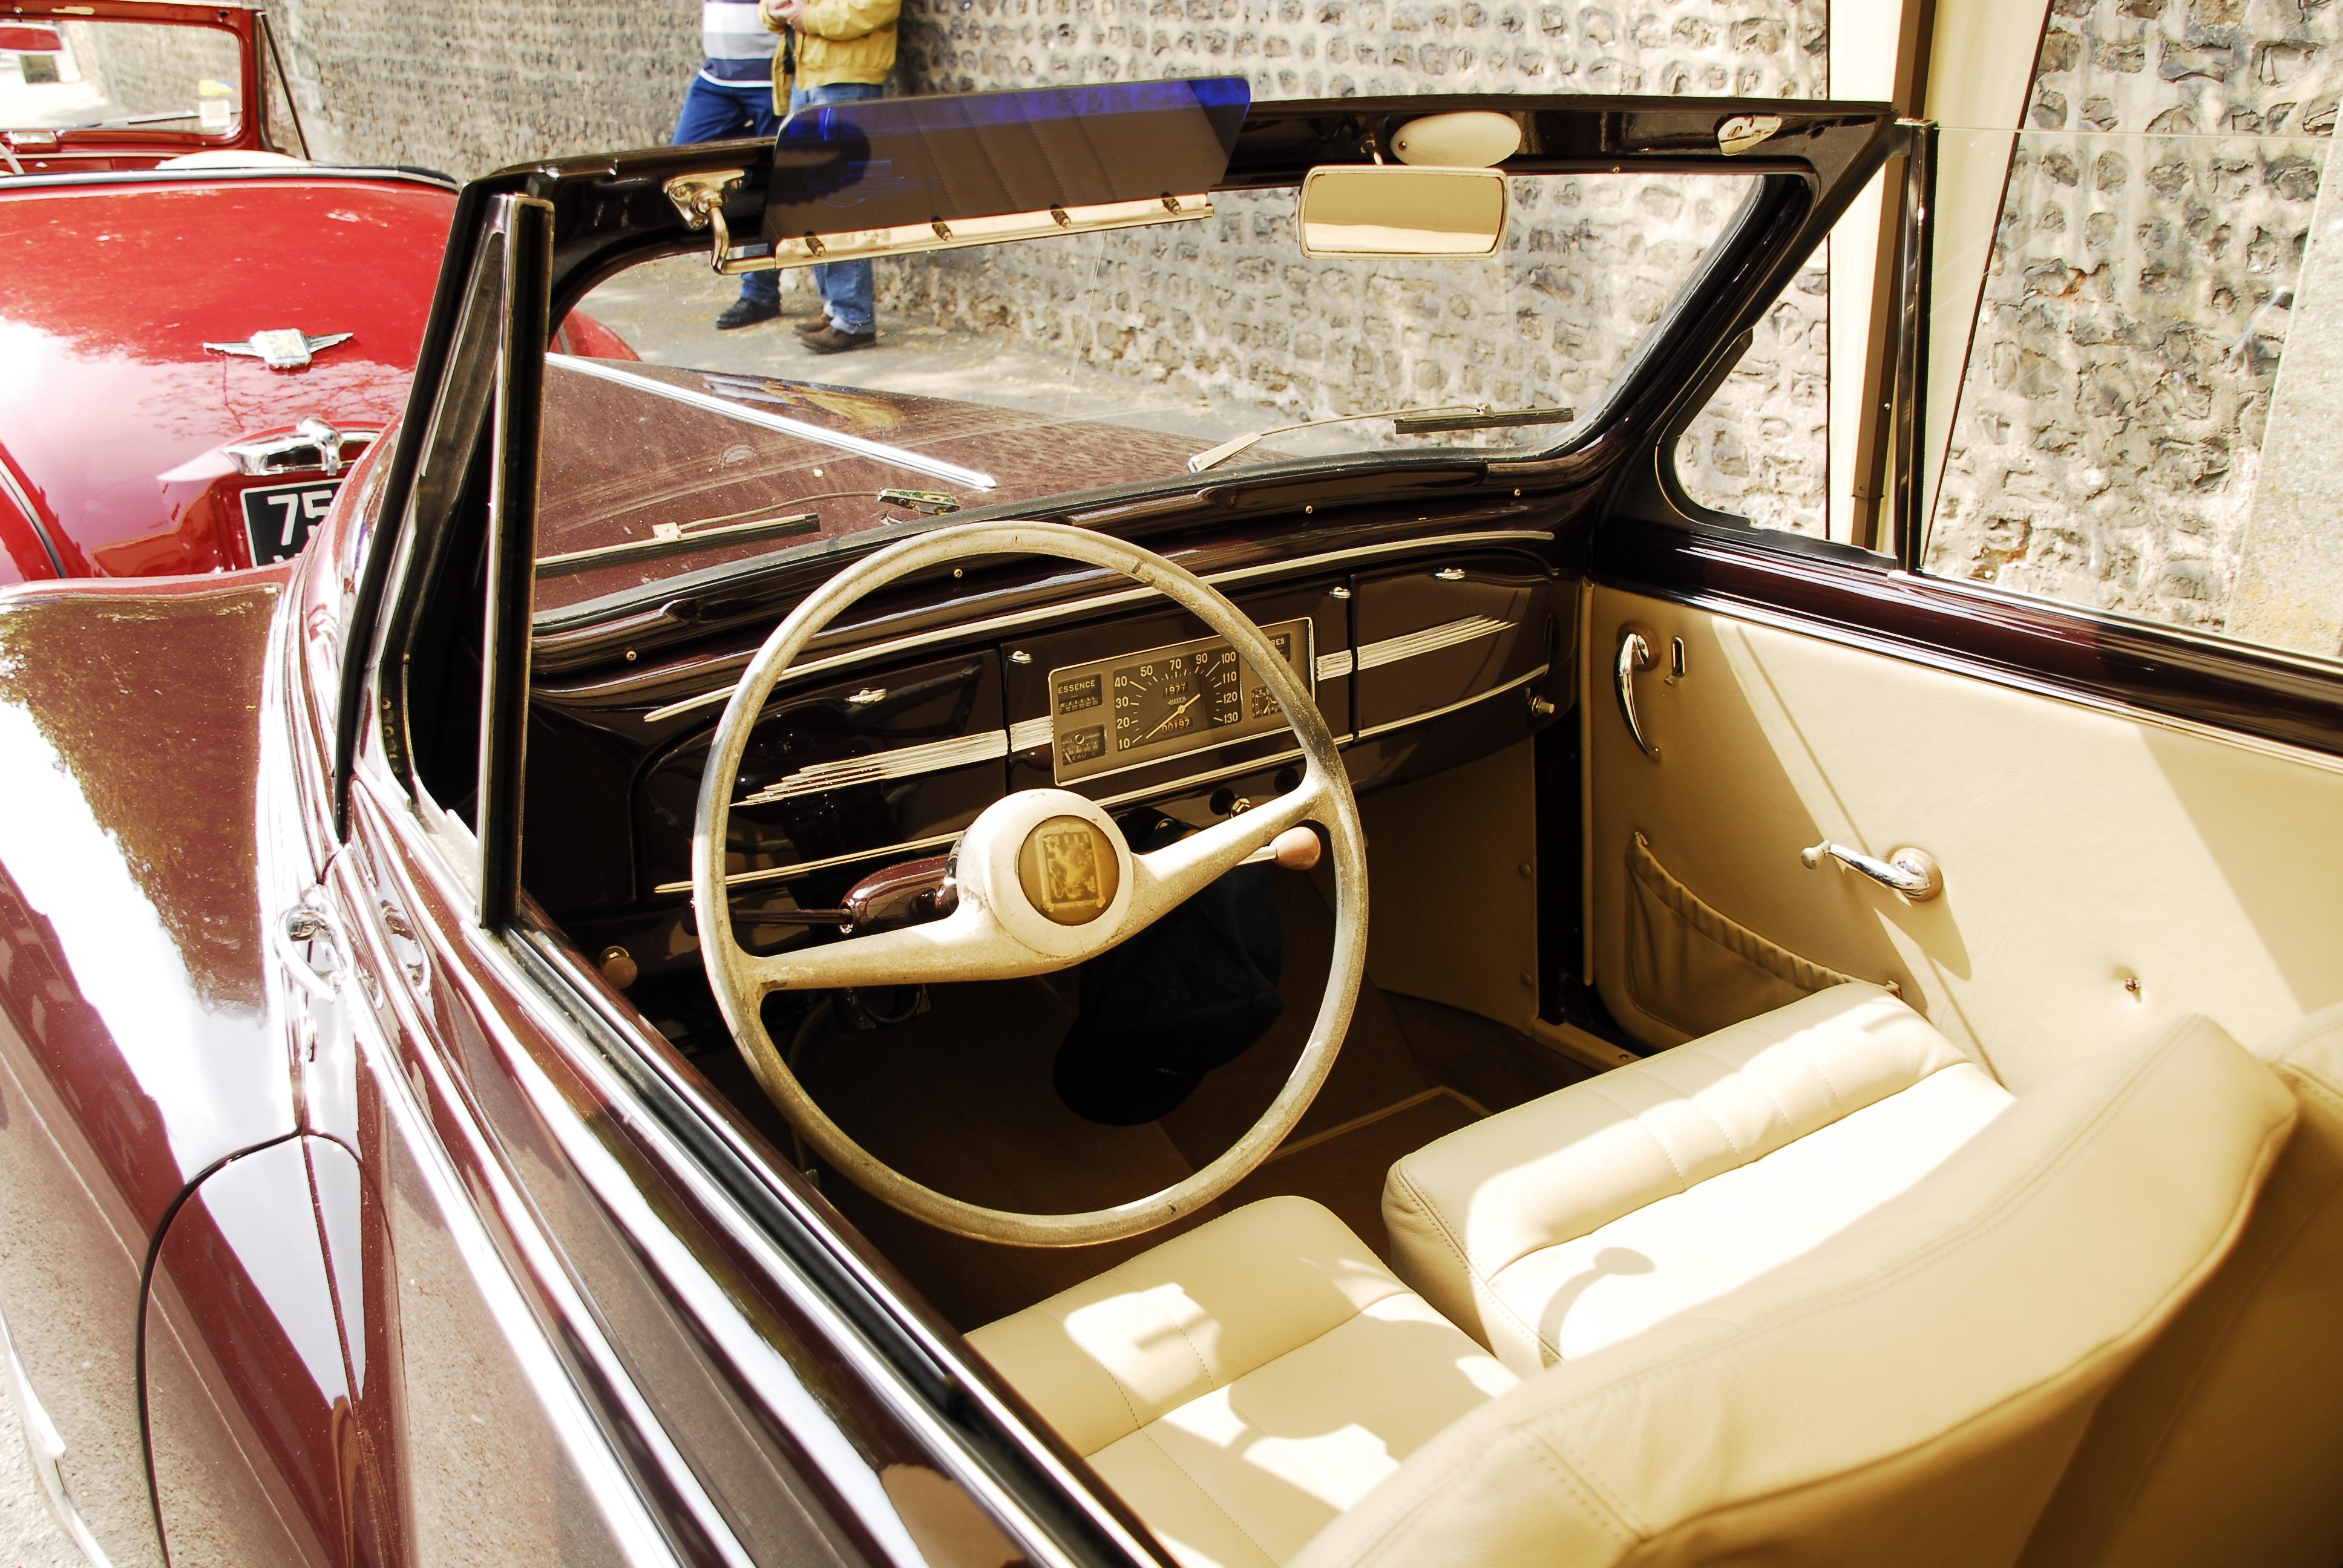 PEUGEOT 203 interior